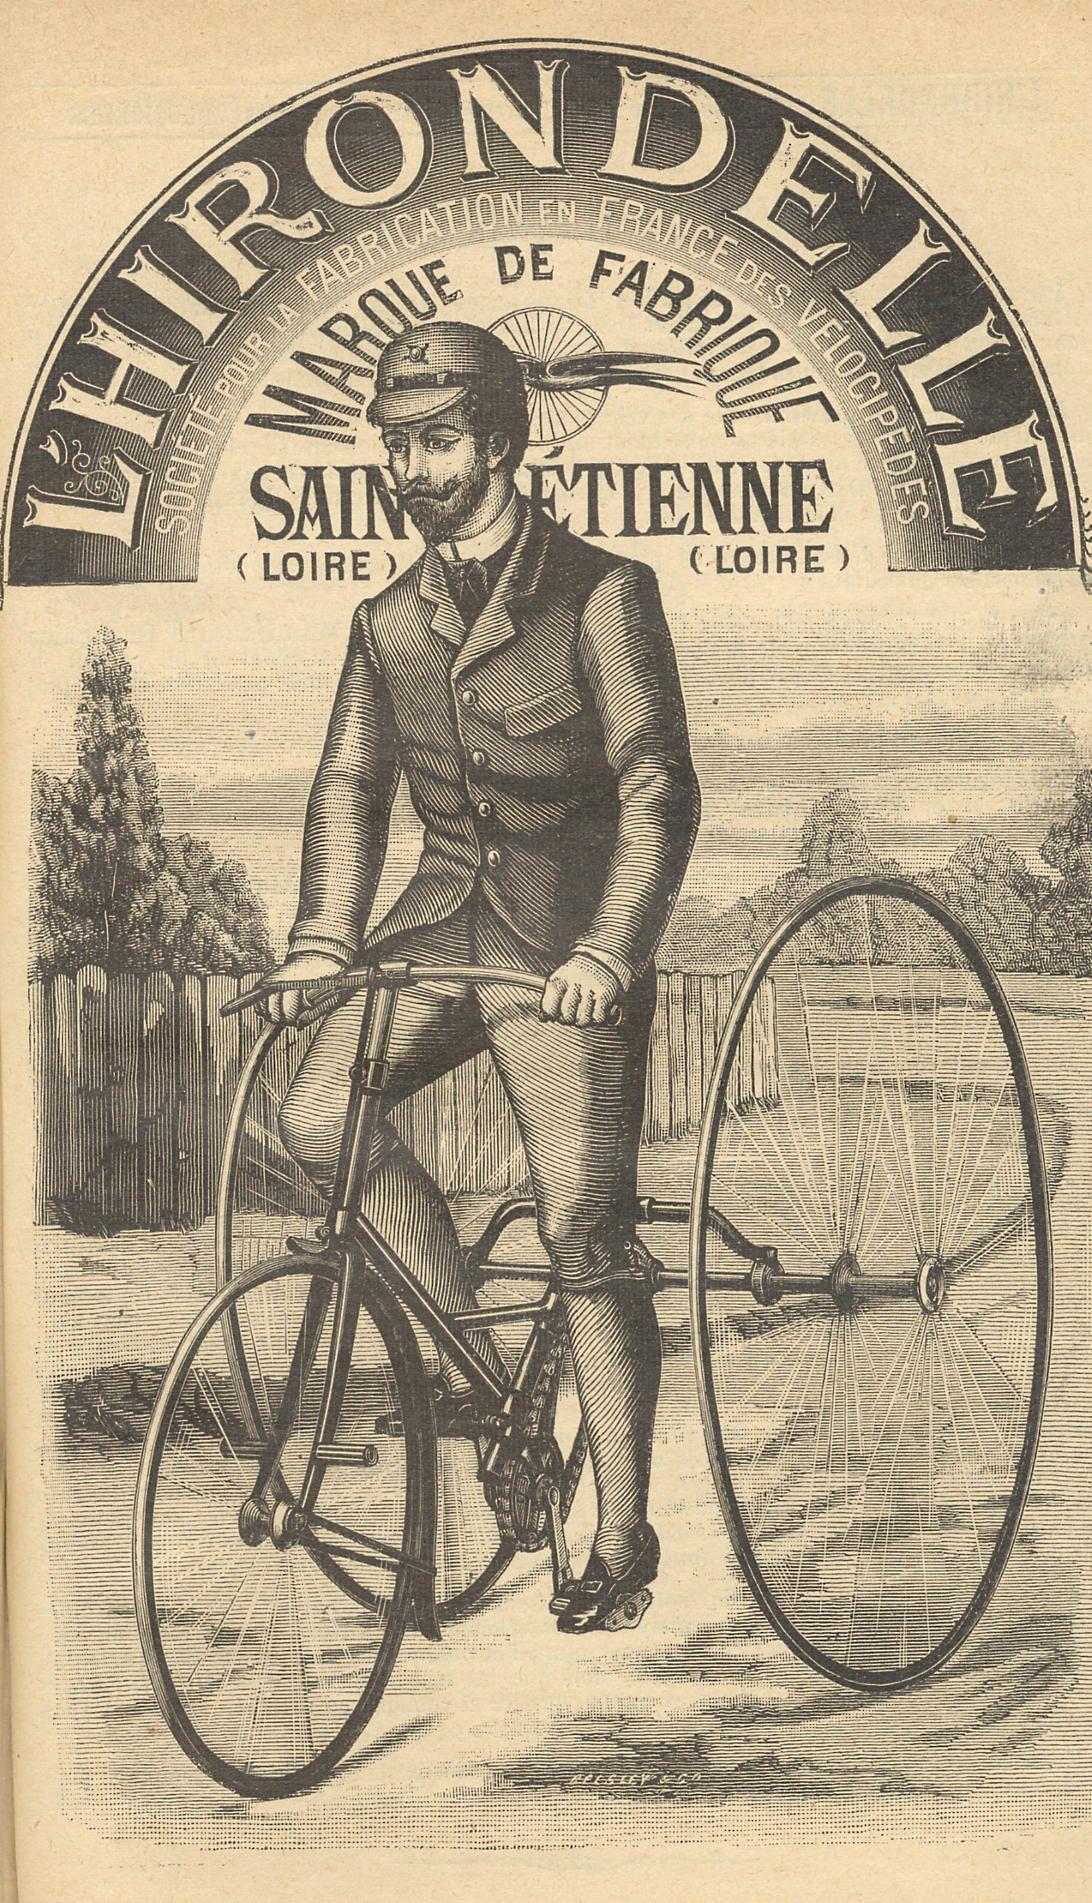 Un stéphanois sur son vélocipède